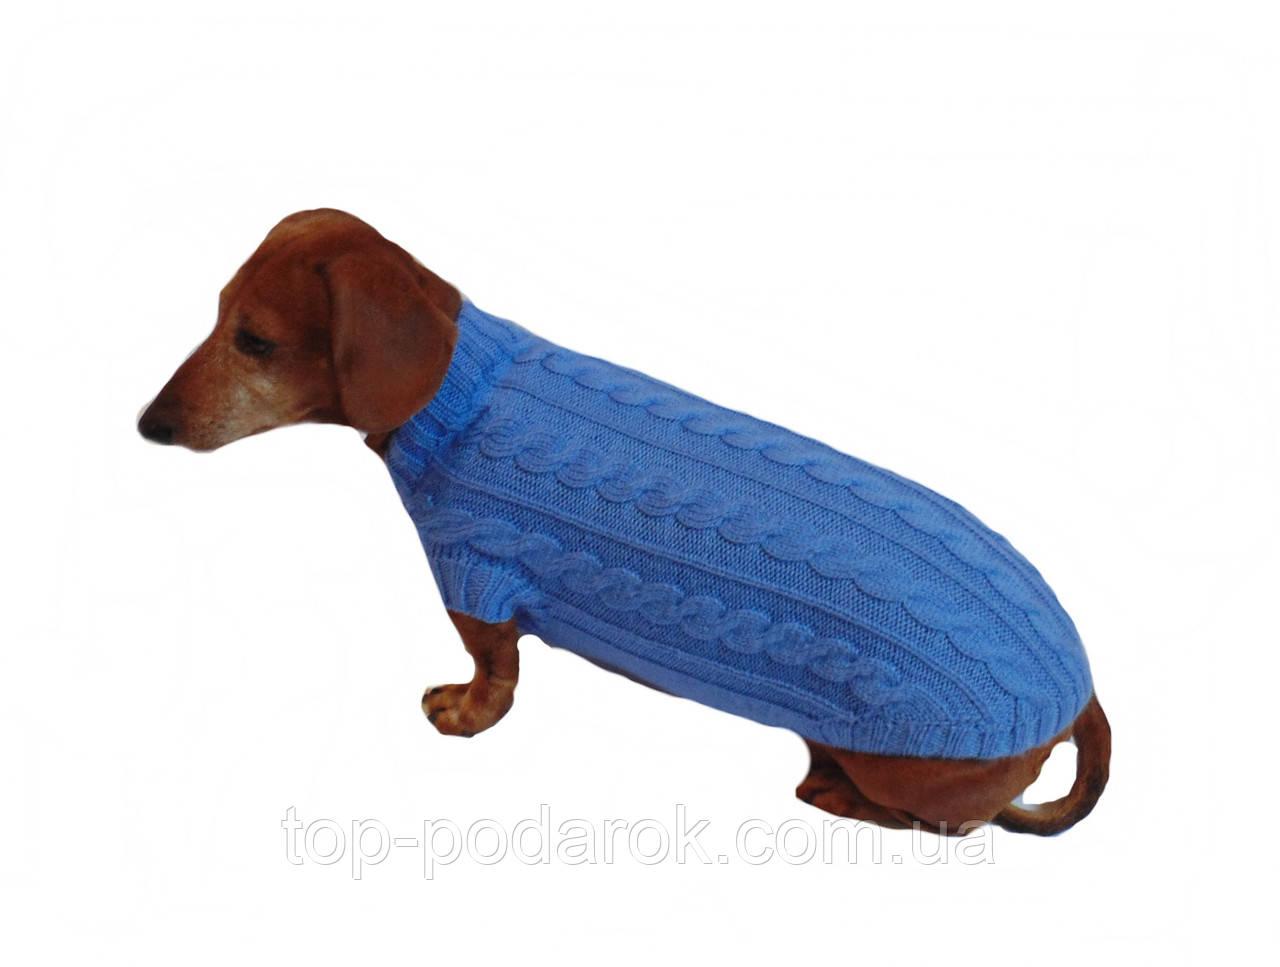 Одежда для маленькой собаки ручной работы,свитер для таксы,свитер для собаки